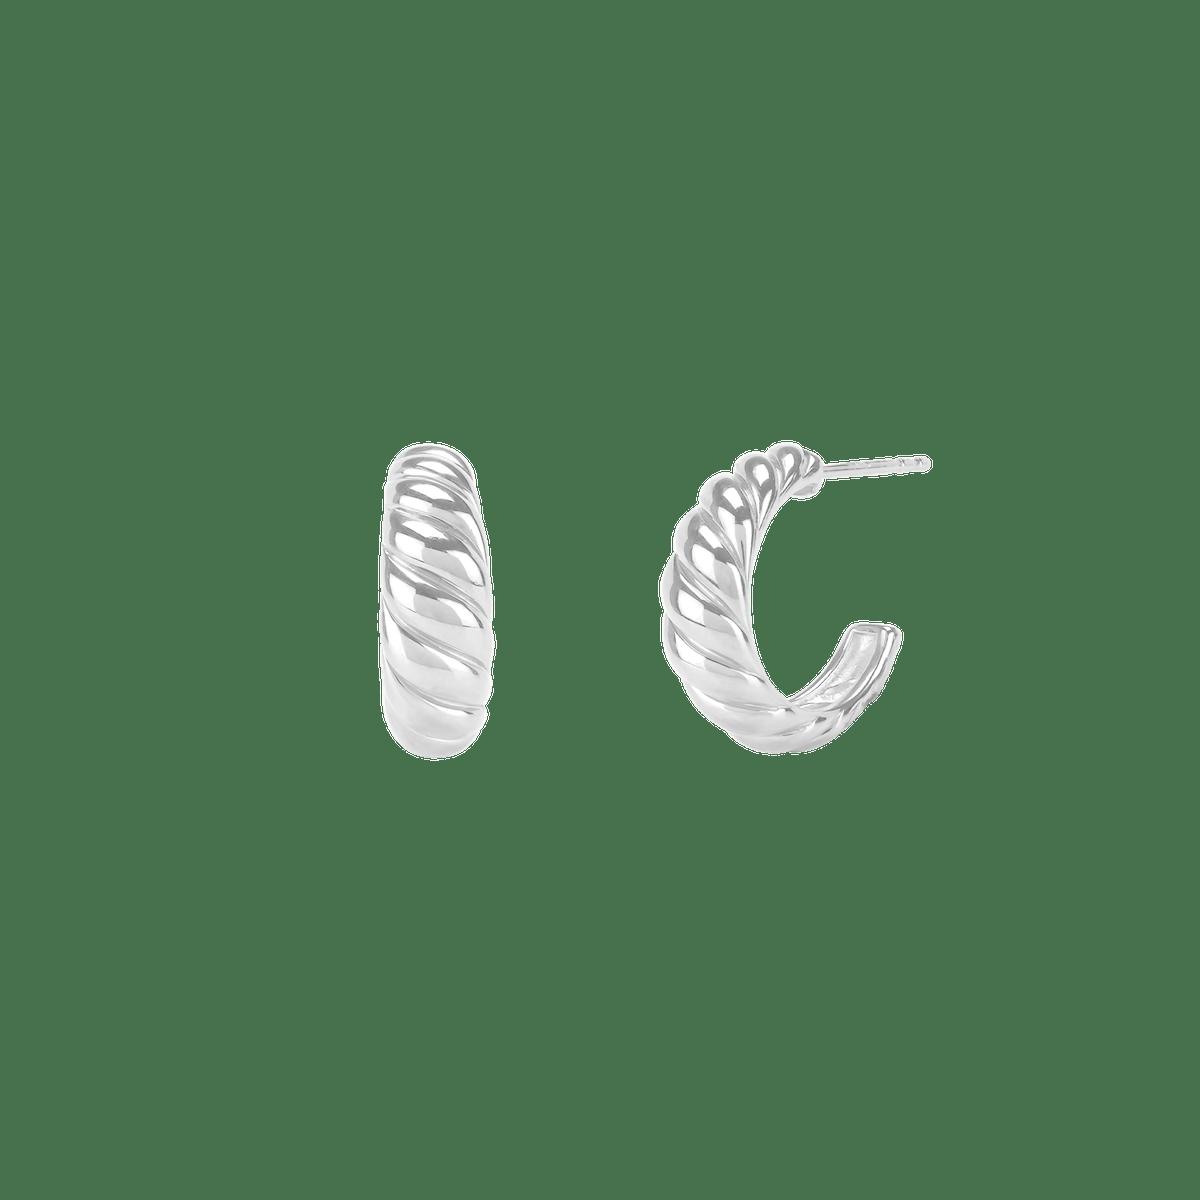 Croissant Dôme Earrings in Sterling Silver